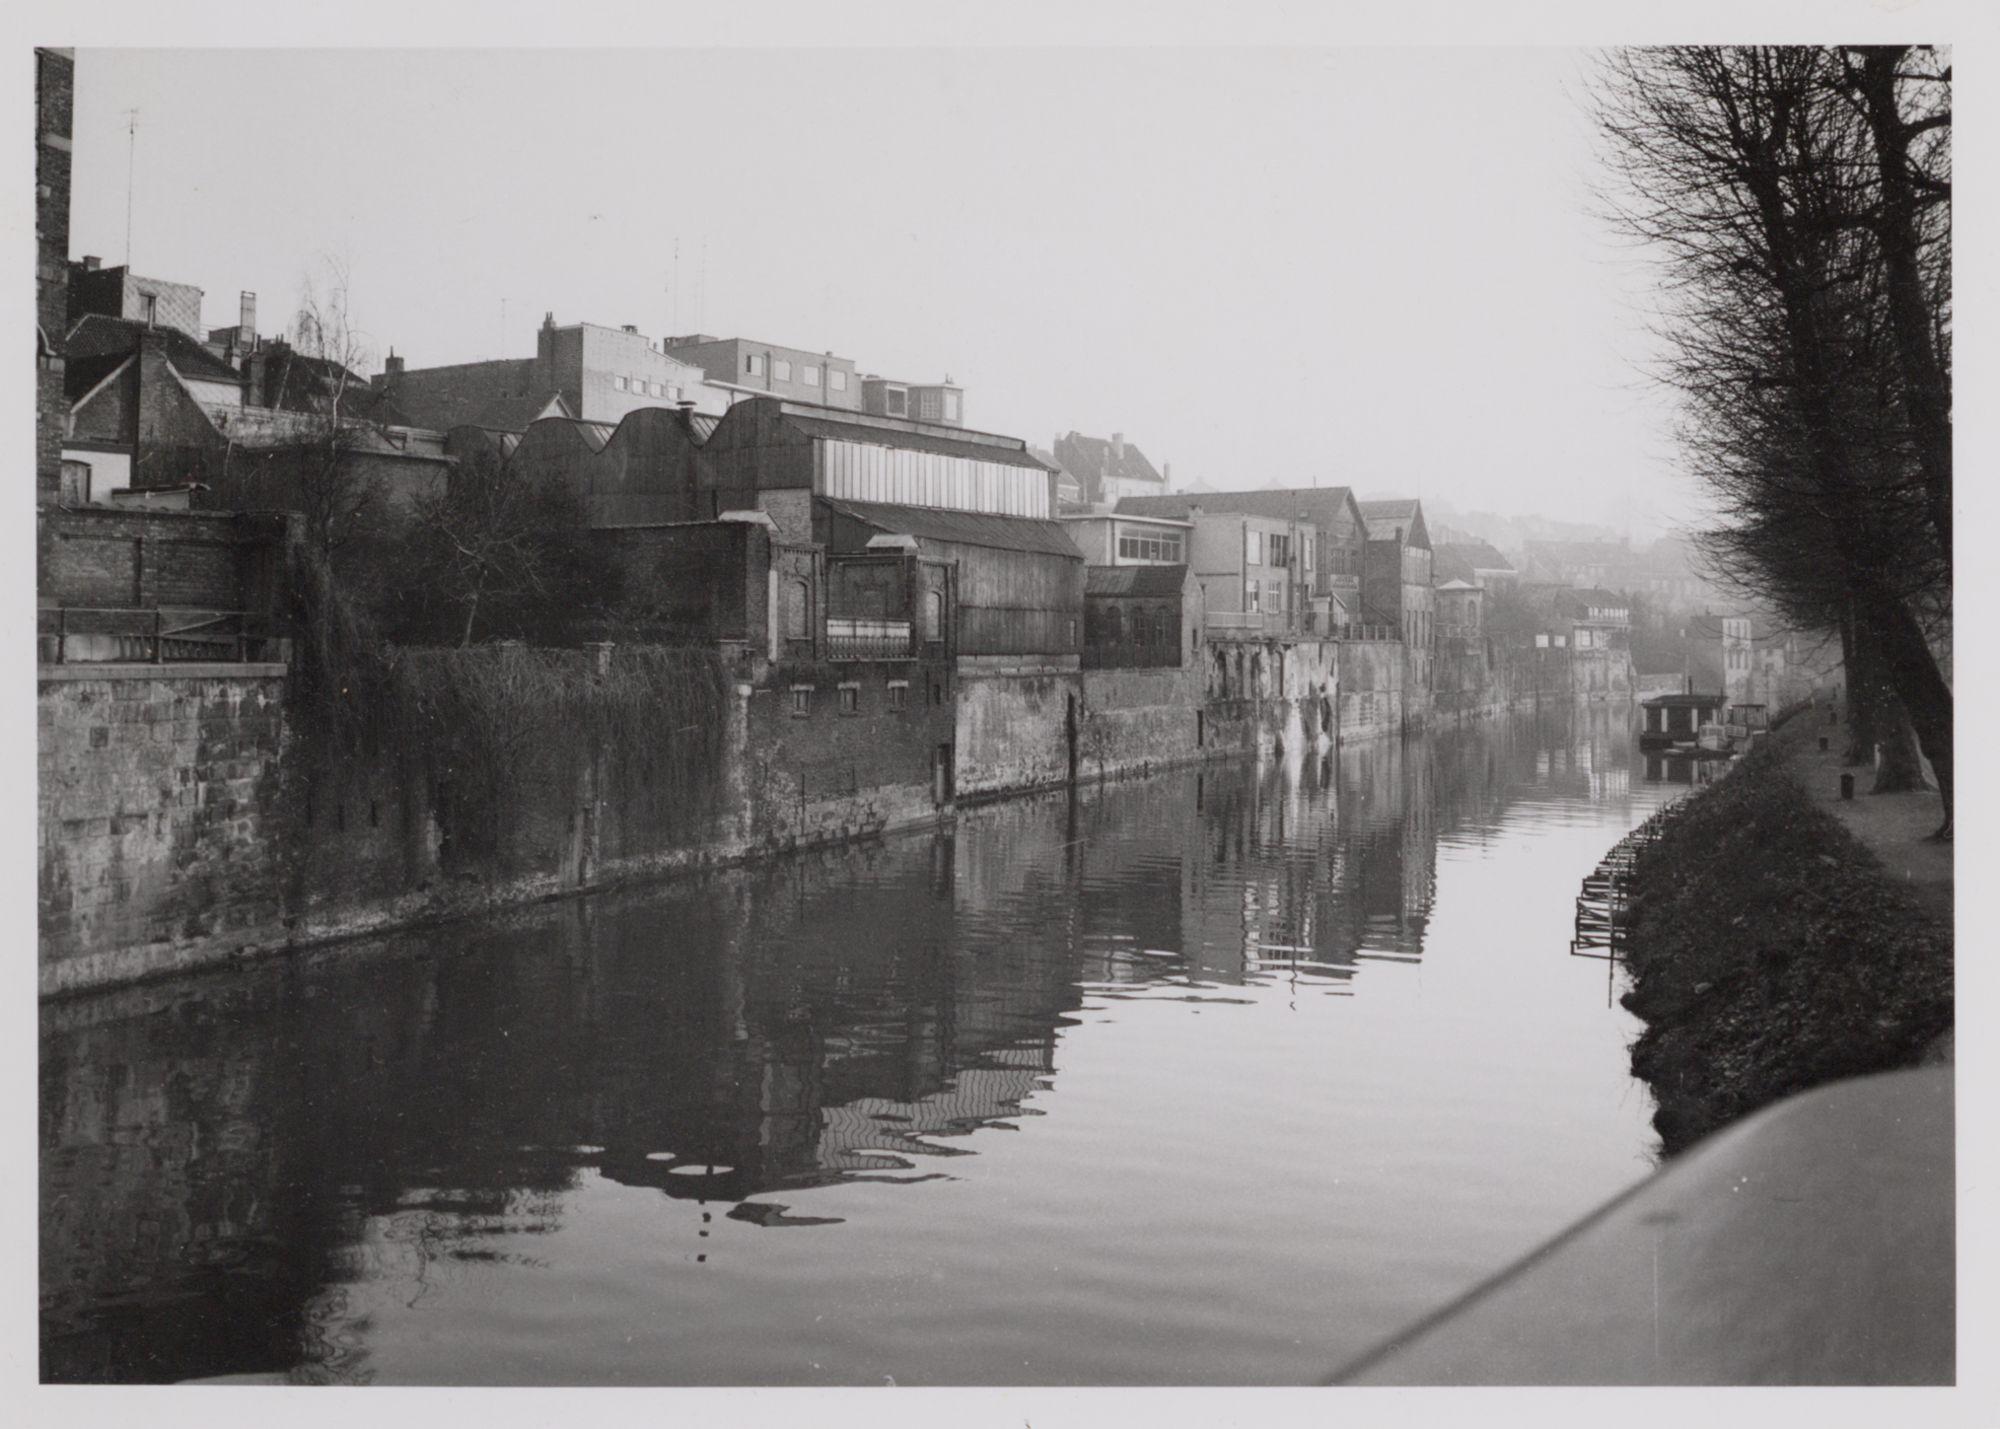 Gent: De Leie en de achtergevels van de Kortrijksepoortstraat, gezien vanaf de Albert Baertsoenkaai